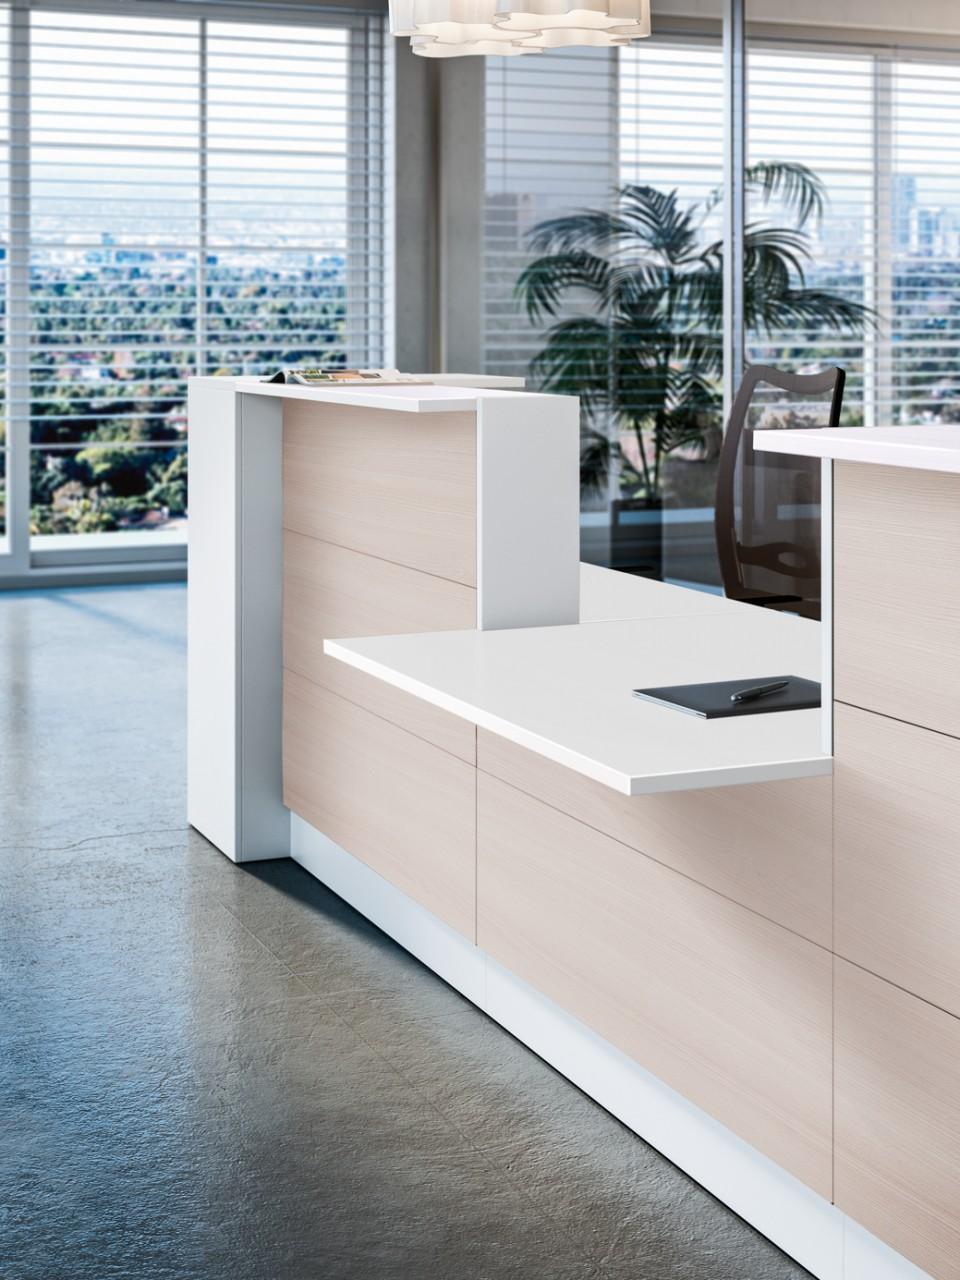 grande banque d 39 accueil square achat mobilier accueil entreprise 1 623 00. Black Bedroom Furniture Sets. Home Design Ideas